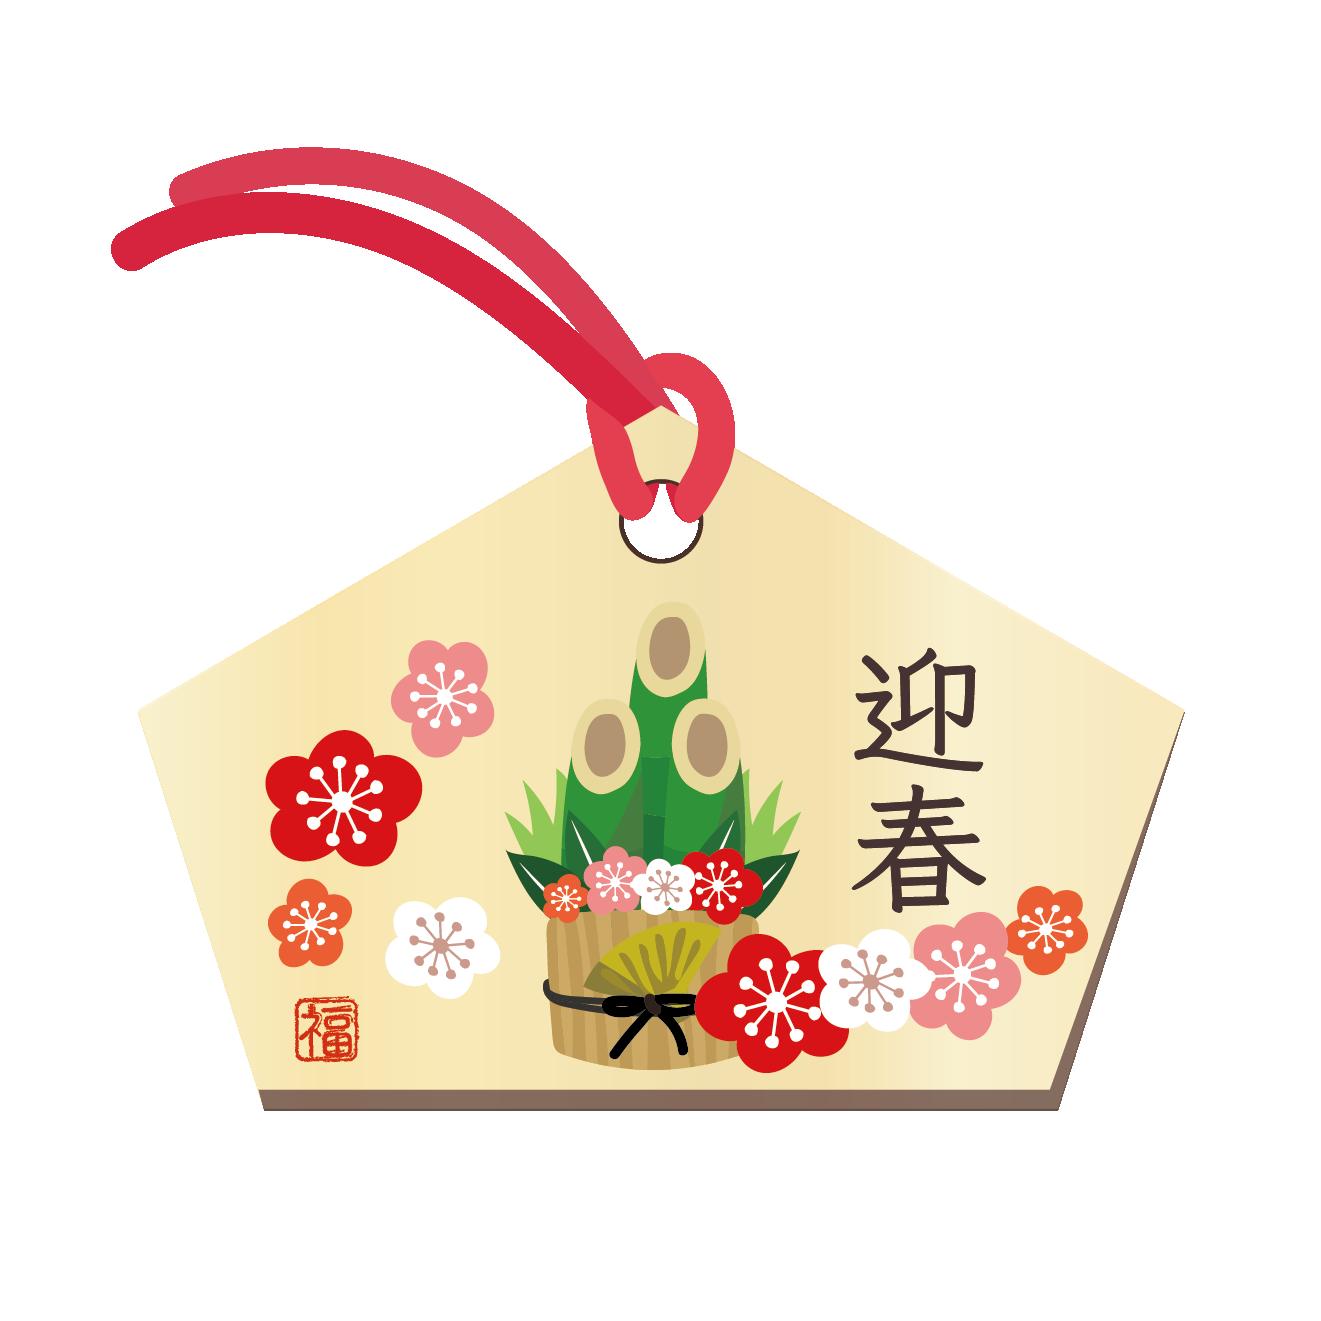 かわいい絵馬 正月の フリー イラスト門松に梅 商用フリー